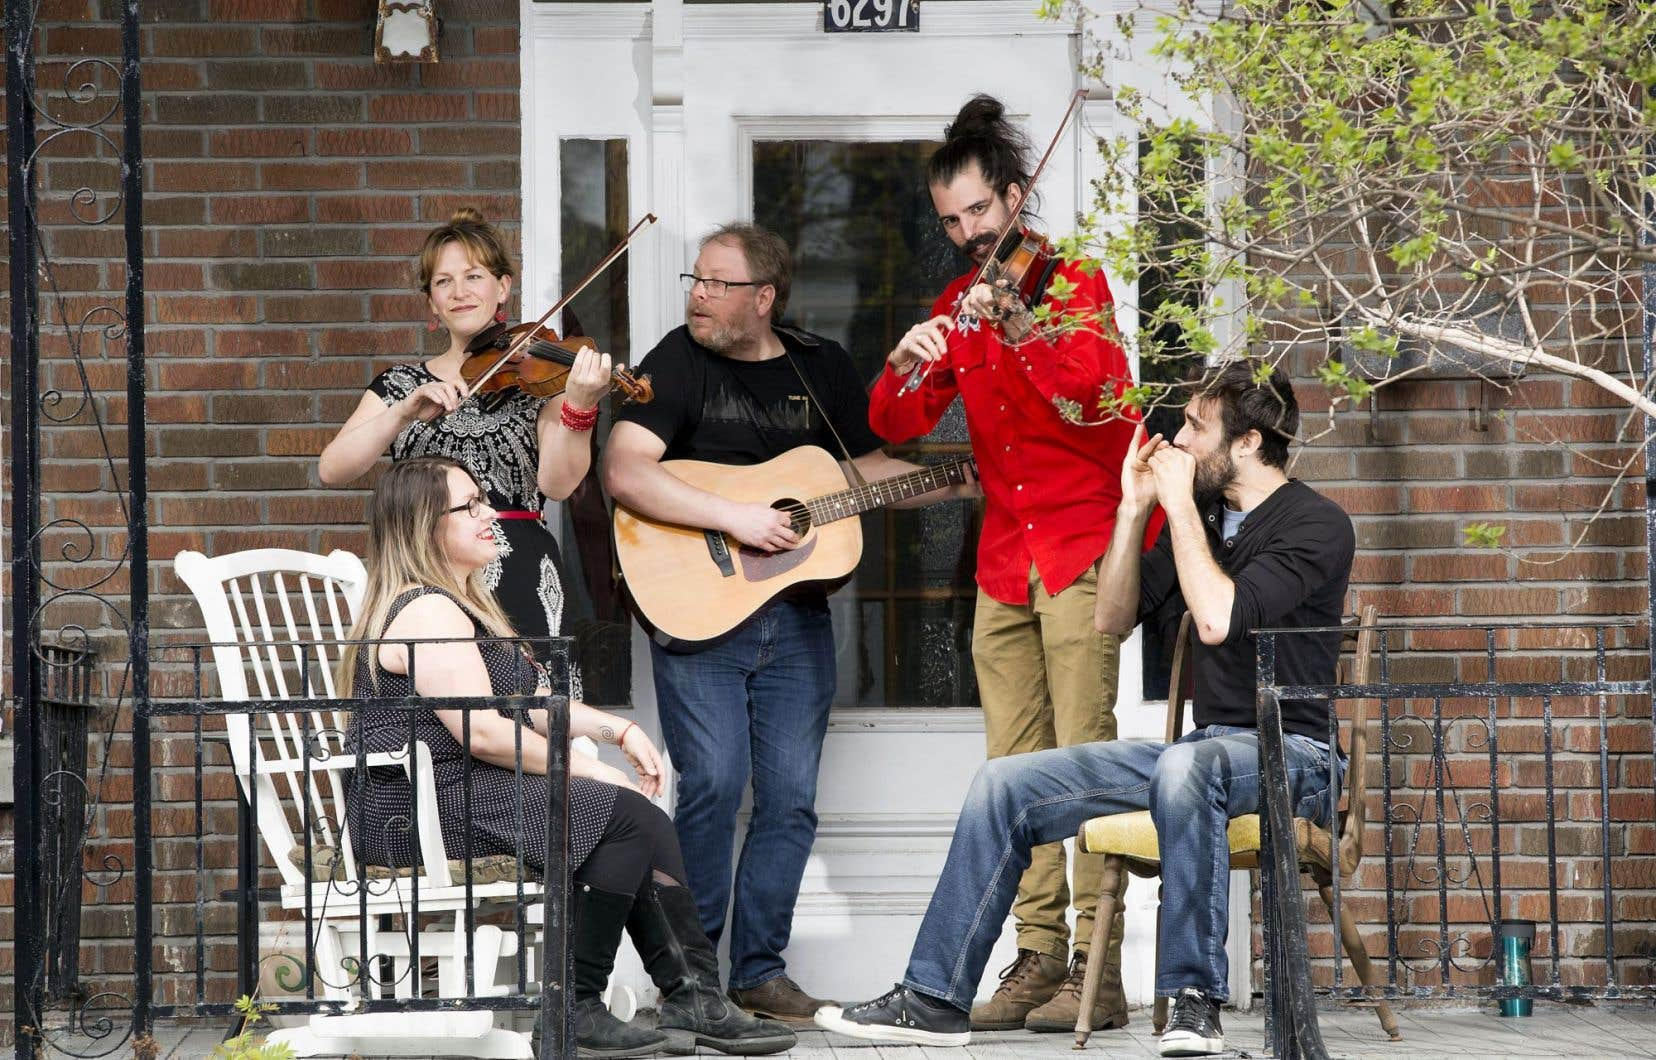 Mélissa Thibodeau, Catherine Planet (au violon), Mathieu Gagné (à la guitare), David Simard (au violon), Olivier Arseneault (assis avec harmonica) joueront sur un balcon près de chez vous ce printemps!